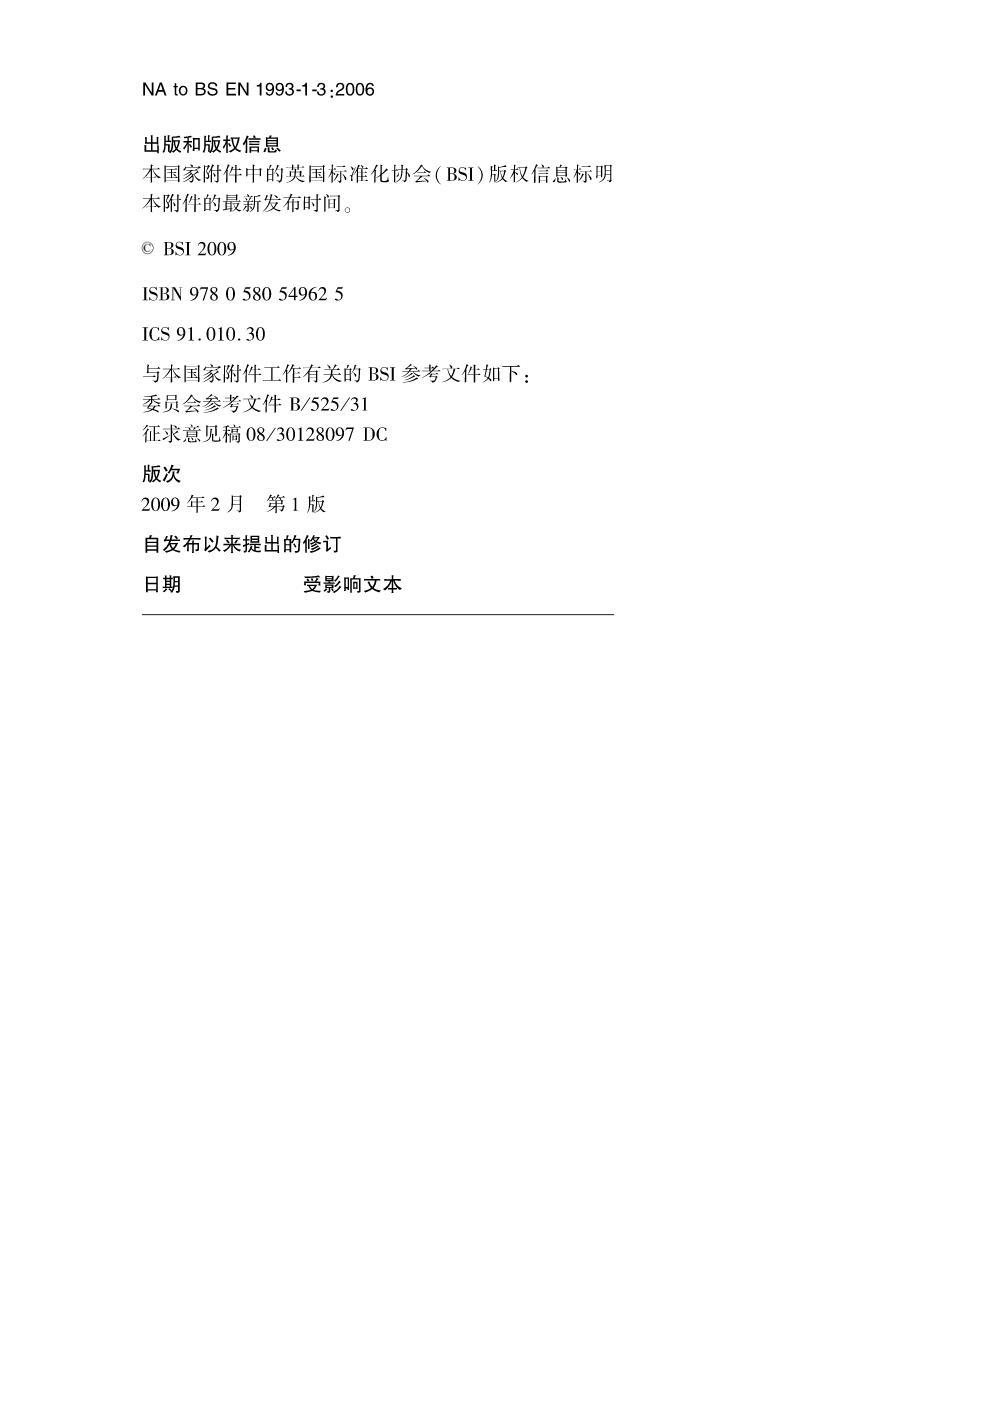 英国国家附件-钢结构设计第1-3部分:一般规定——冷成型构件和薄钢板的补充规定-NA-to-BS-EN-1993-1-3:2006-Page-008